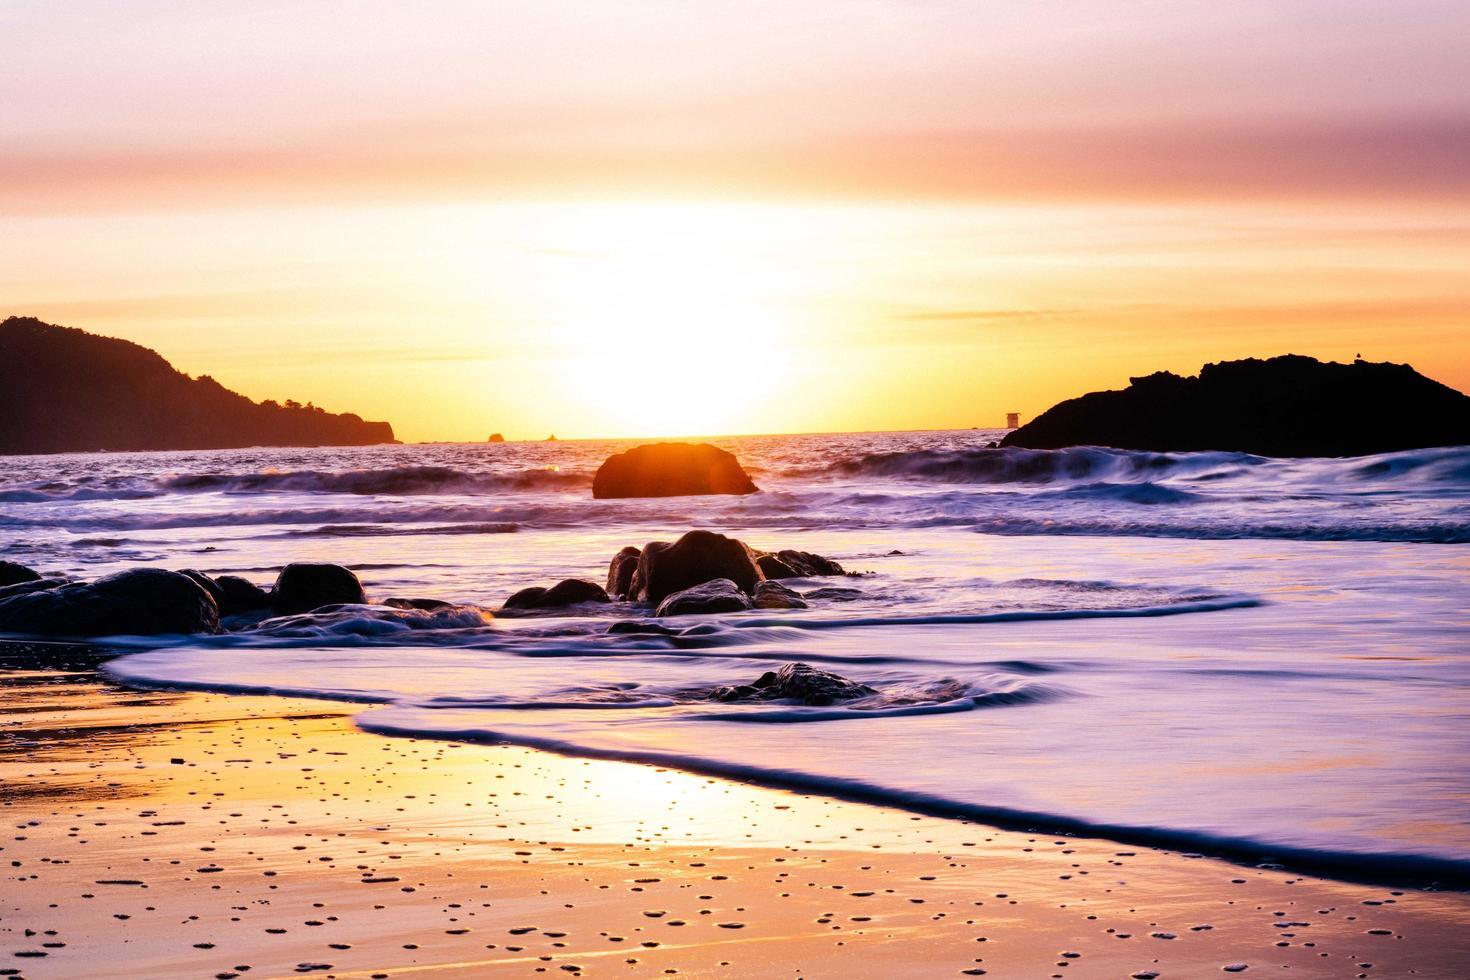 puesta de sol sobre el horizonte en una playa foto